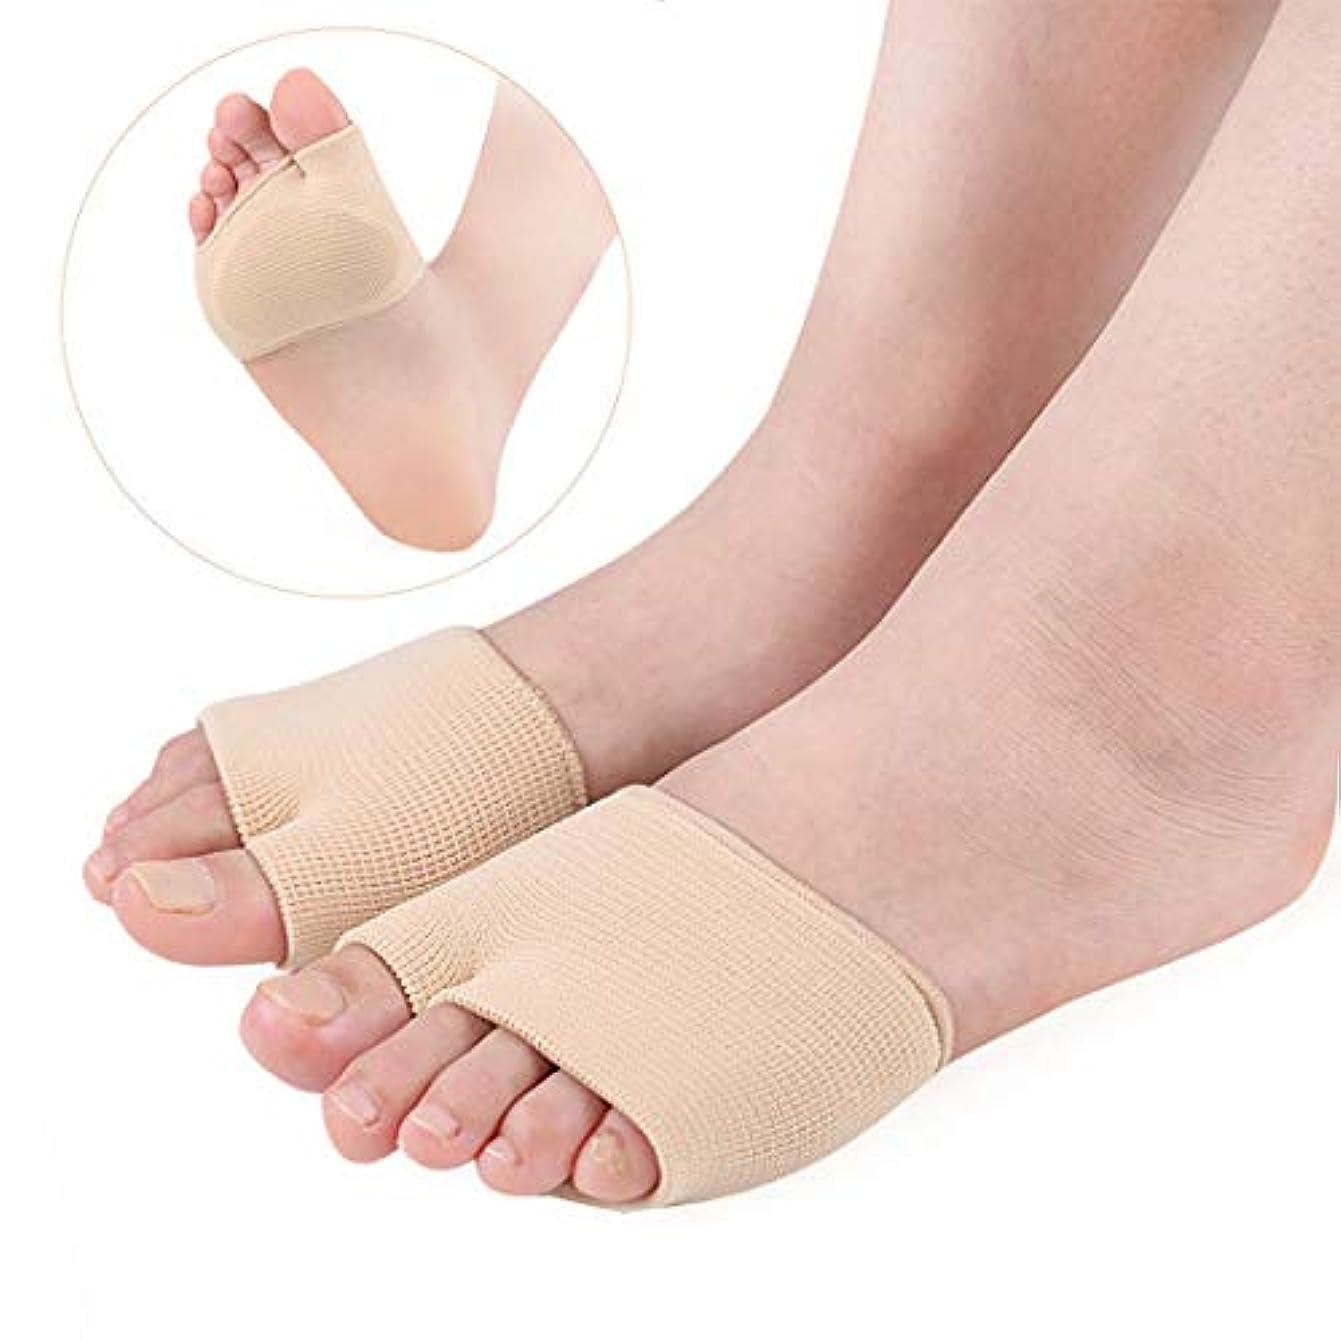 読者同性愛者締める腱膜瘤矯正と腱膜瘤救済、女性と男性のための整形外科の足の親指矯正、昼夜のサポート、外反母Valの治療と予防,S